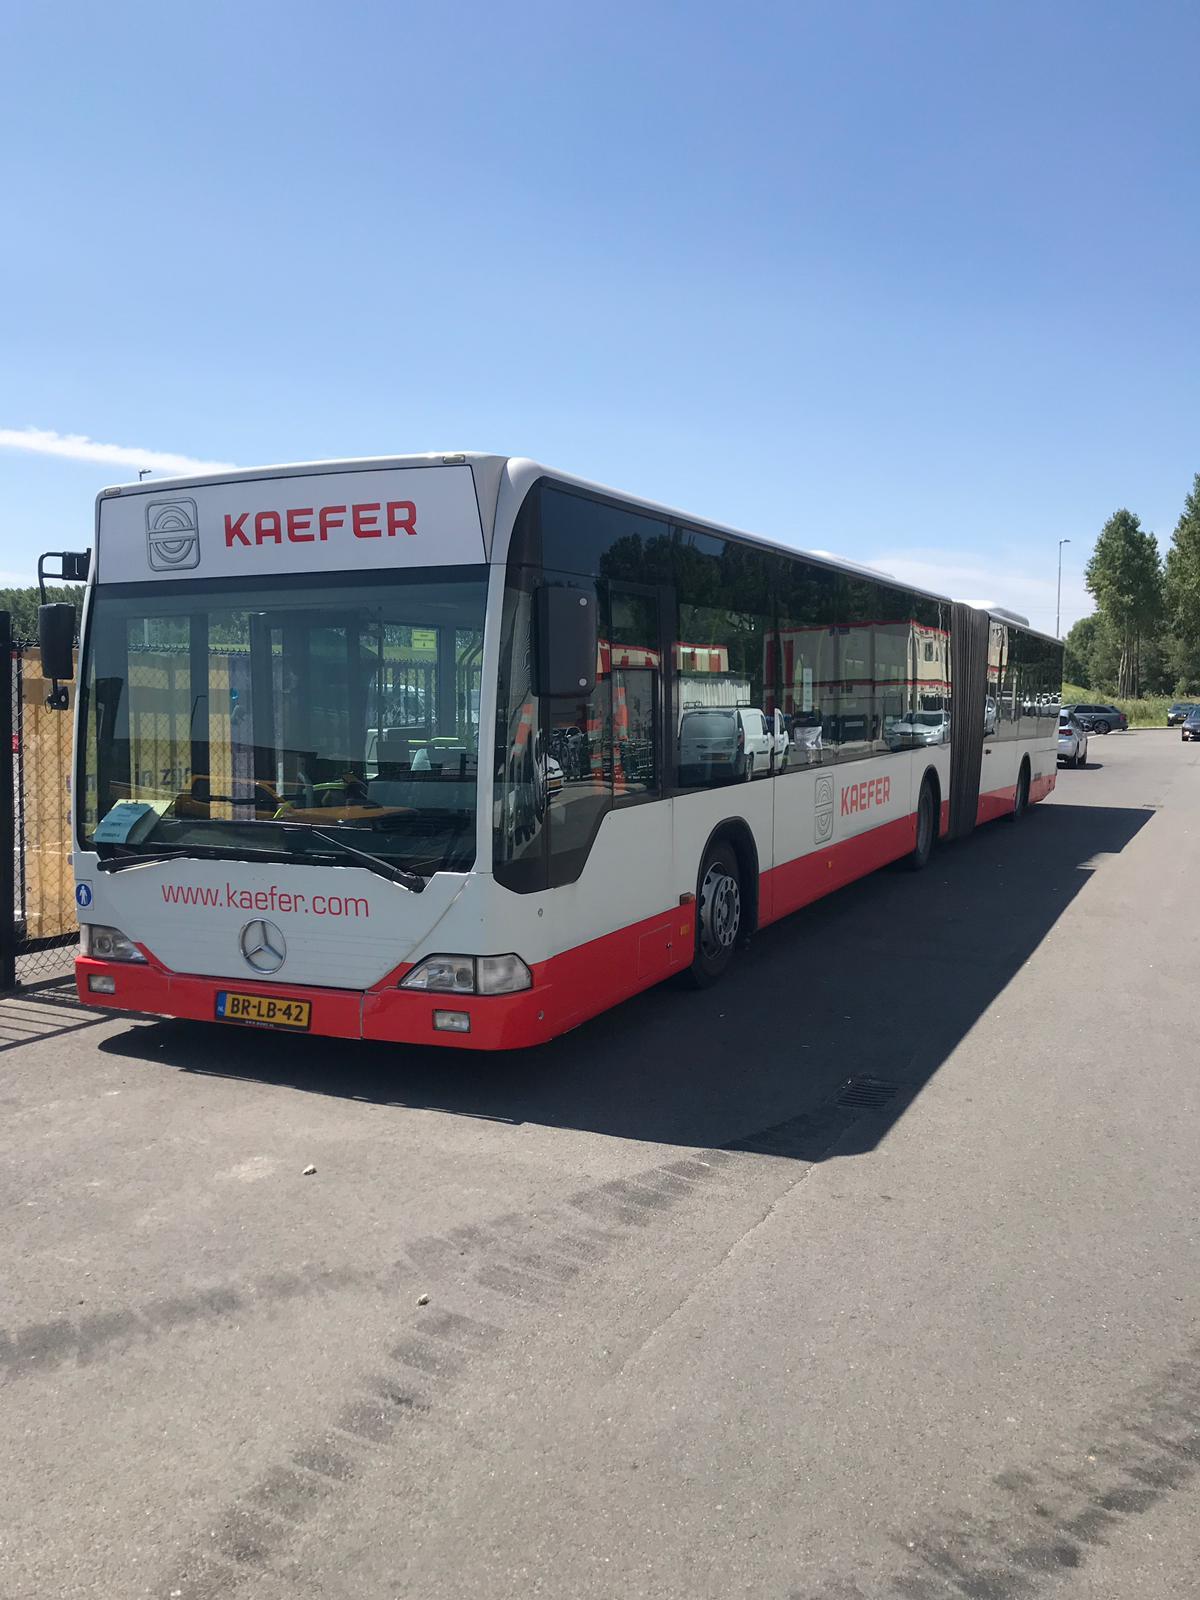 Kaefer bus project